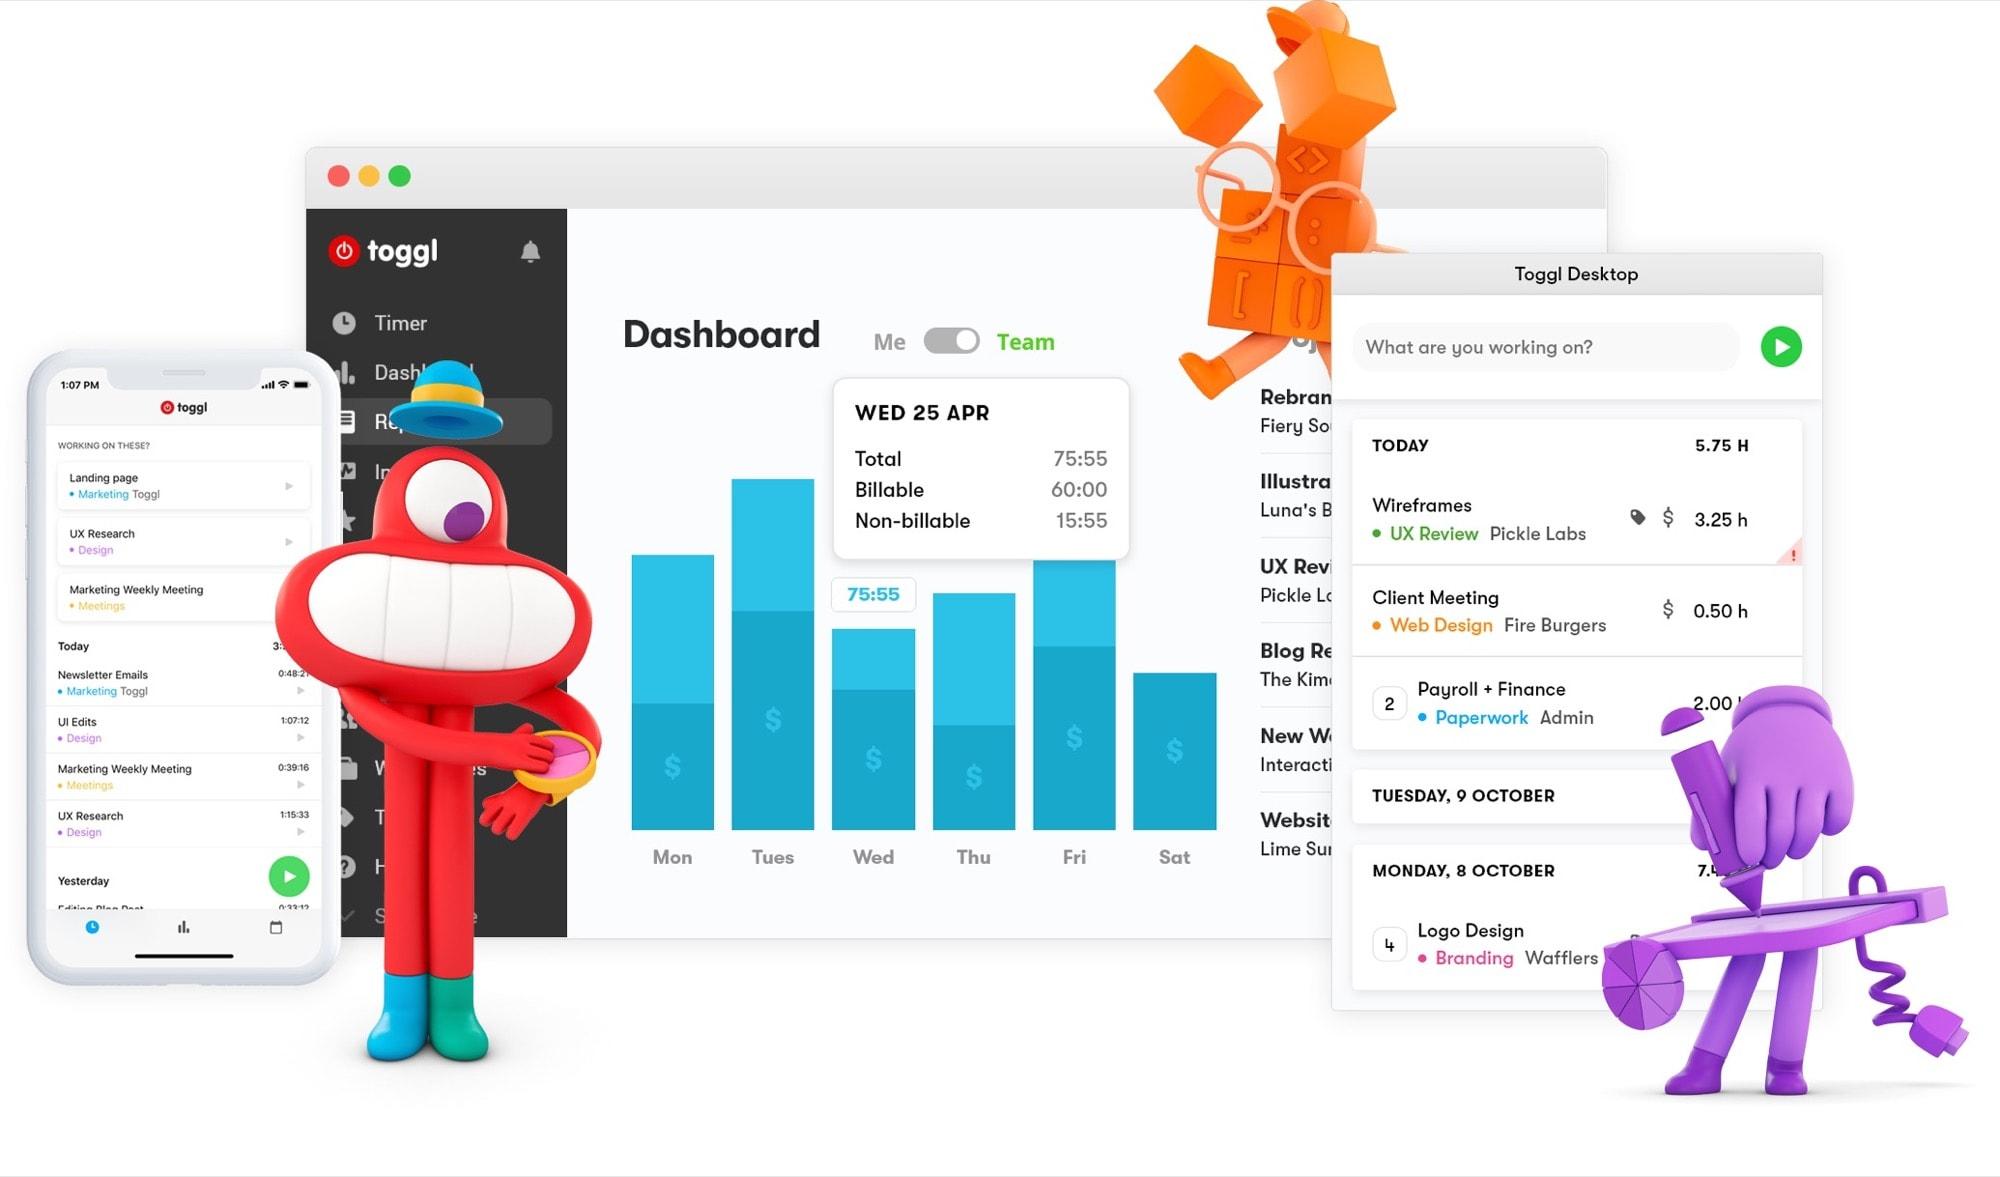 Sforum - Trang thông tin công nghệ mới nhất allplatforms-95b2676b4f65a2147f83d412173a3bd2-copy 5 ứng dụng cần thiết trên iOS để làm việc tại nhà hiệu quả hơn trong mùa dịch